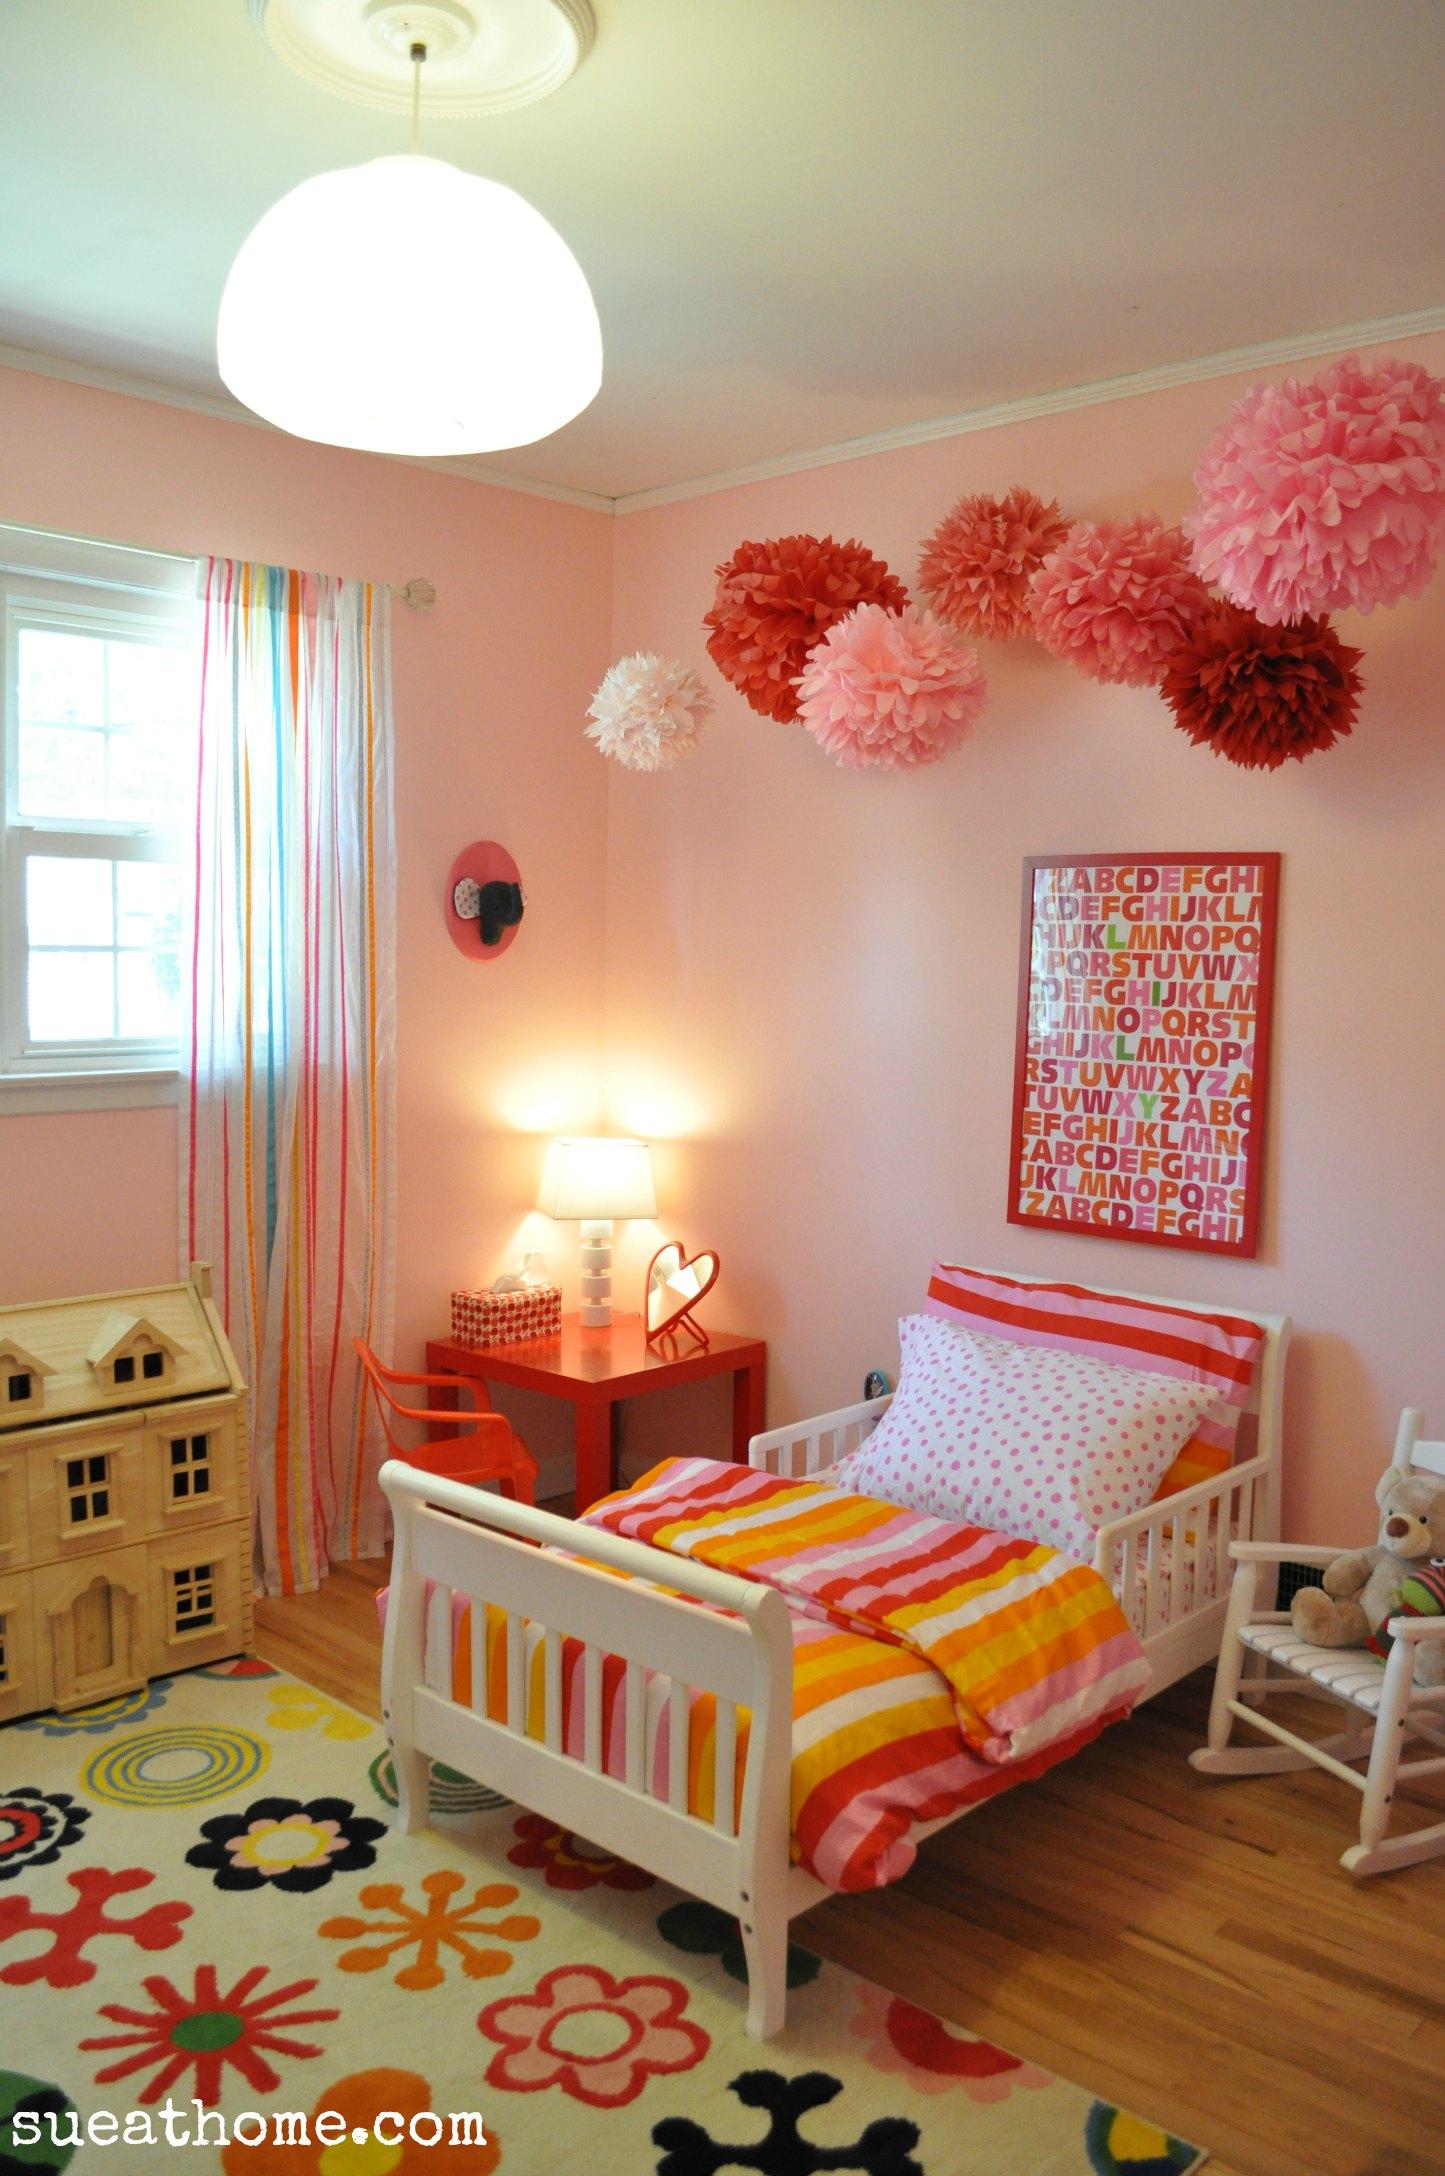 Décoration chambre enfant - Hello-Pompon